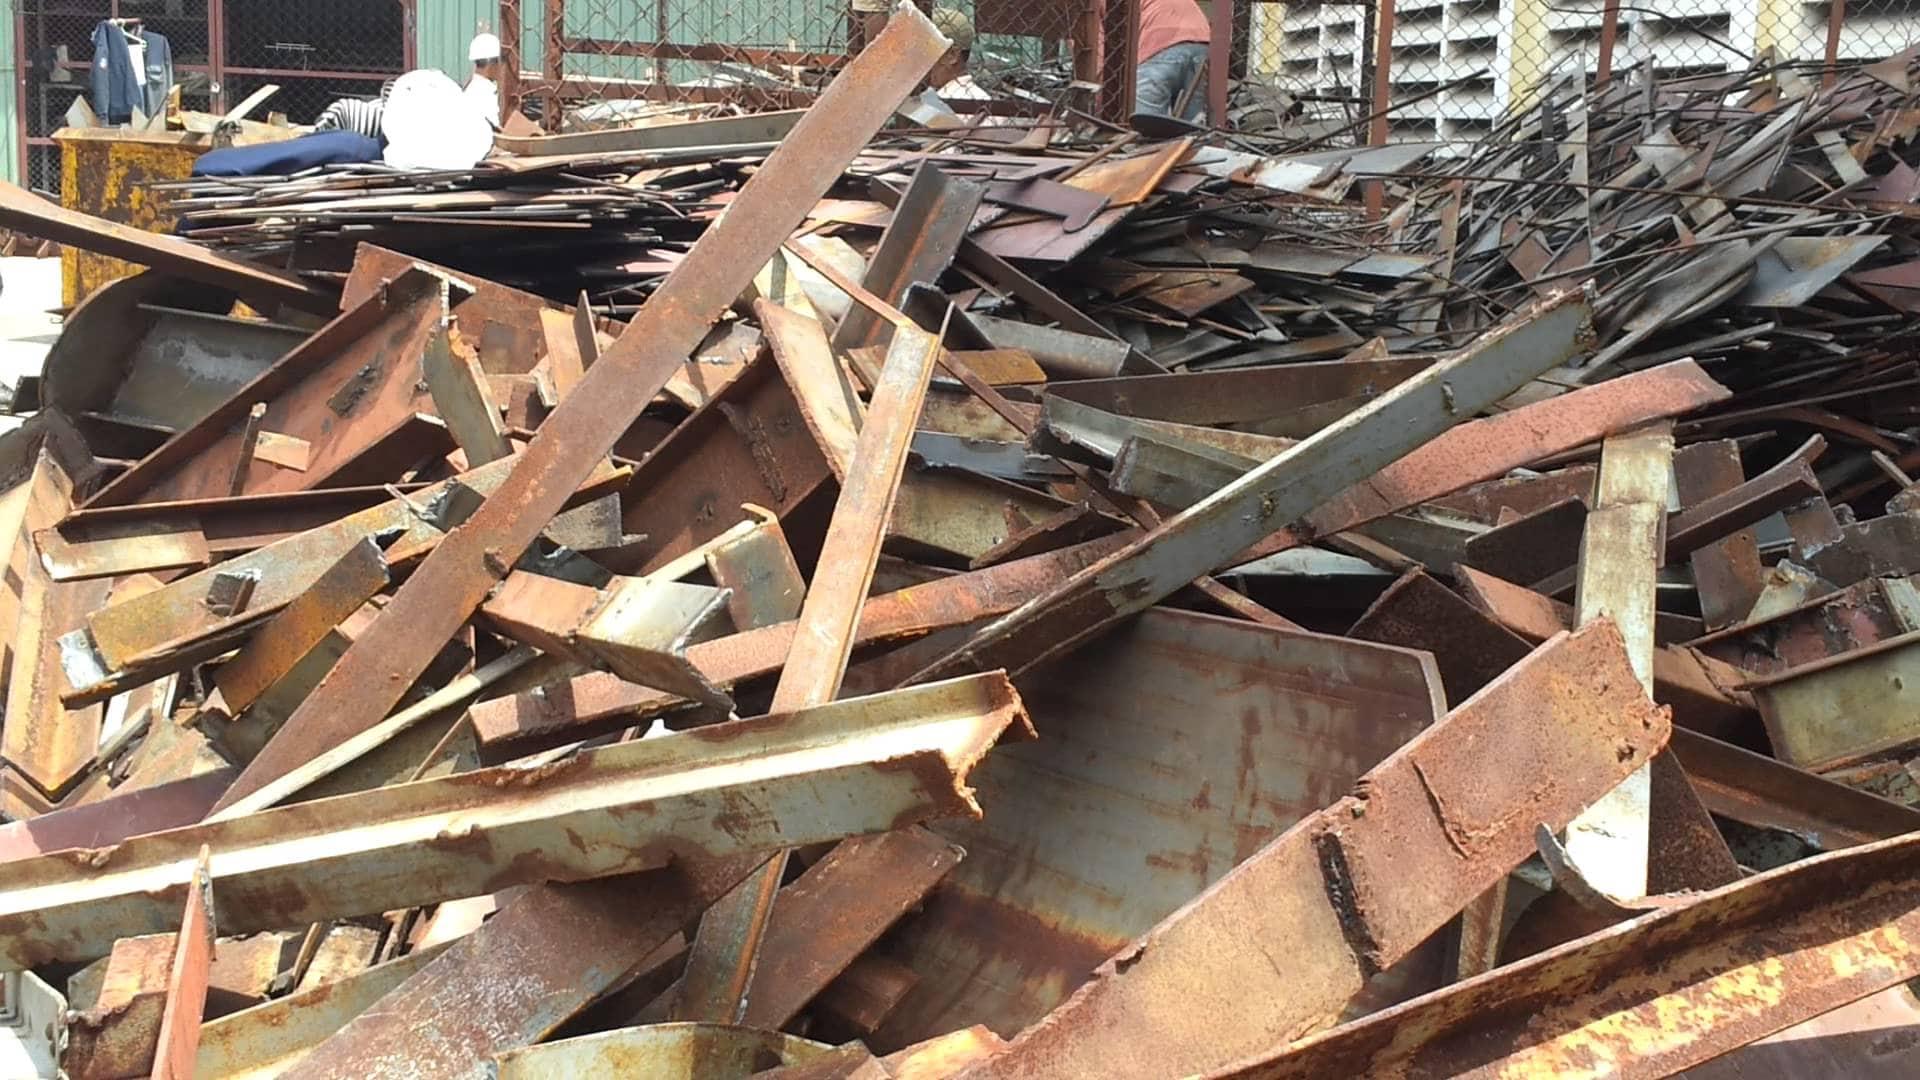 thu mua phế liệu sắt thép giá cao ở tphcm